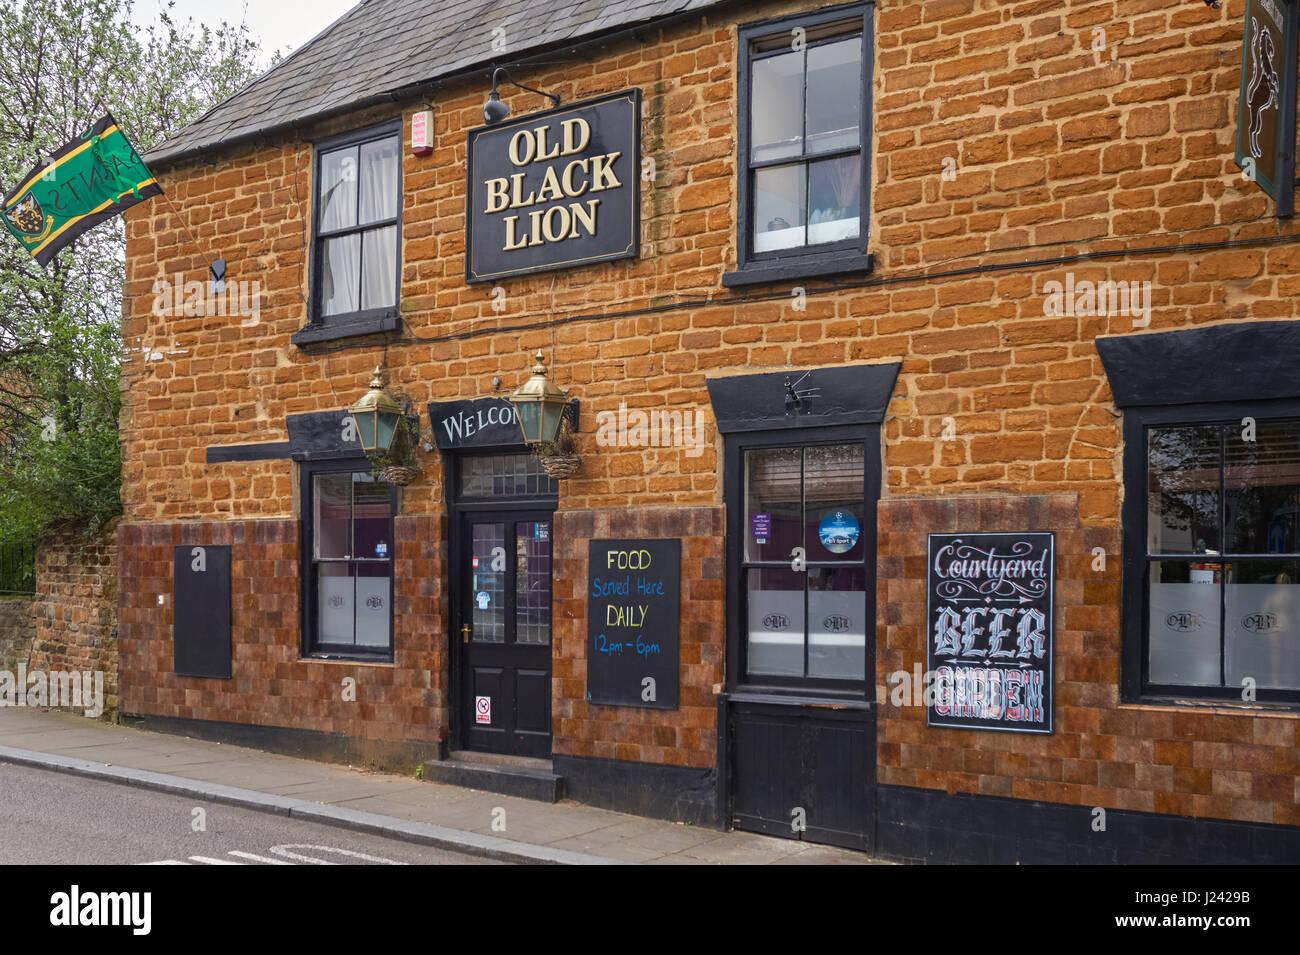 Old Black Lion pub in Northampton England United Kingdom UK - Stock Image